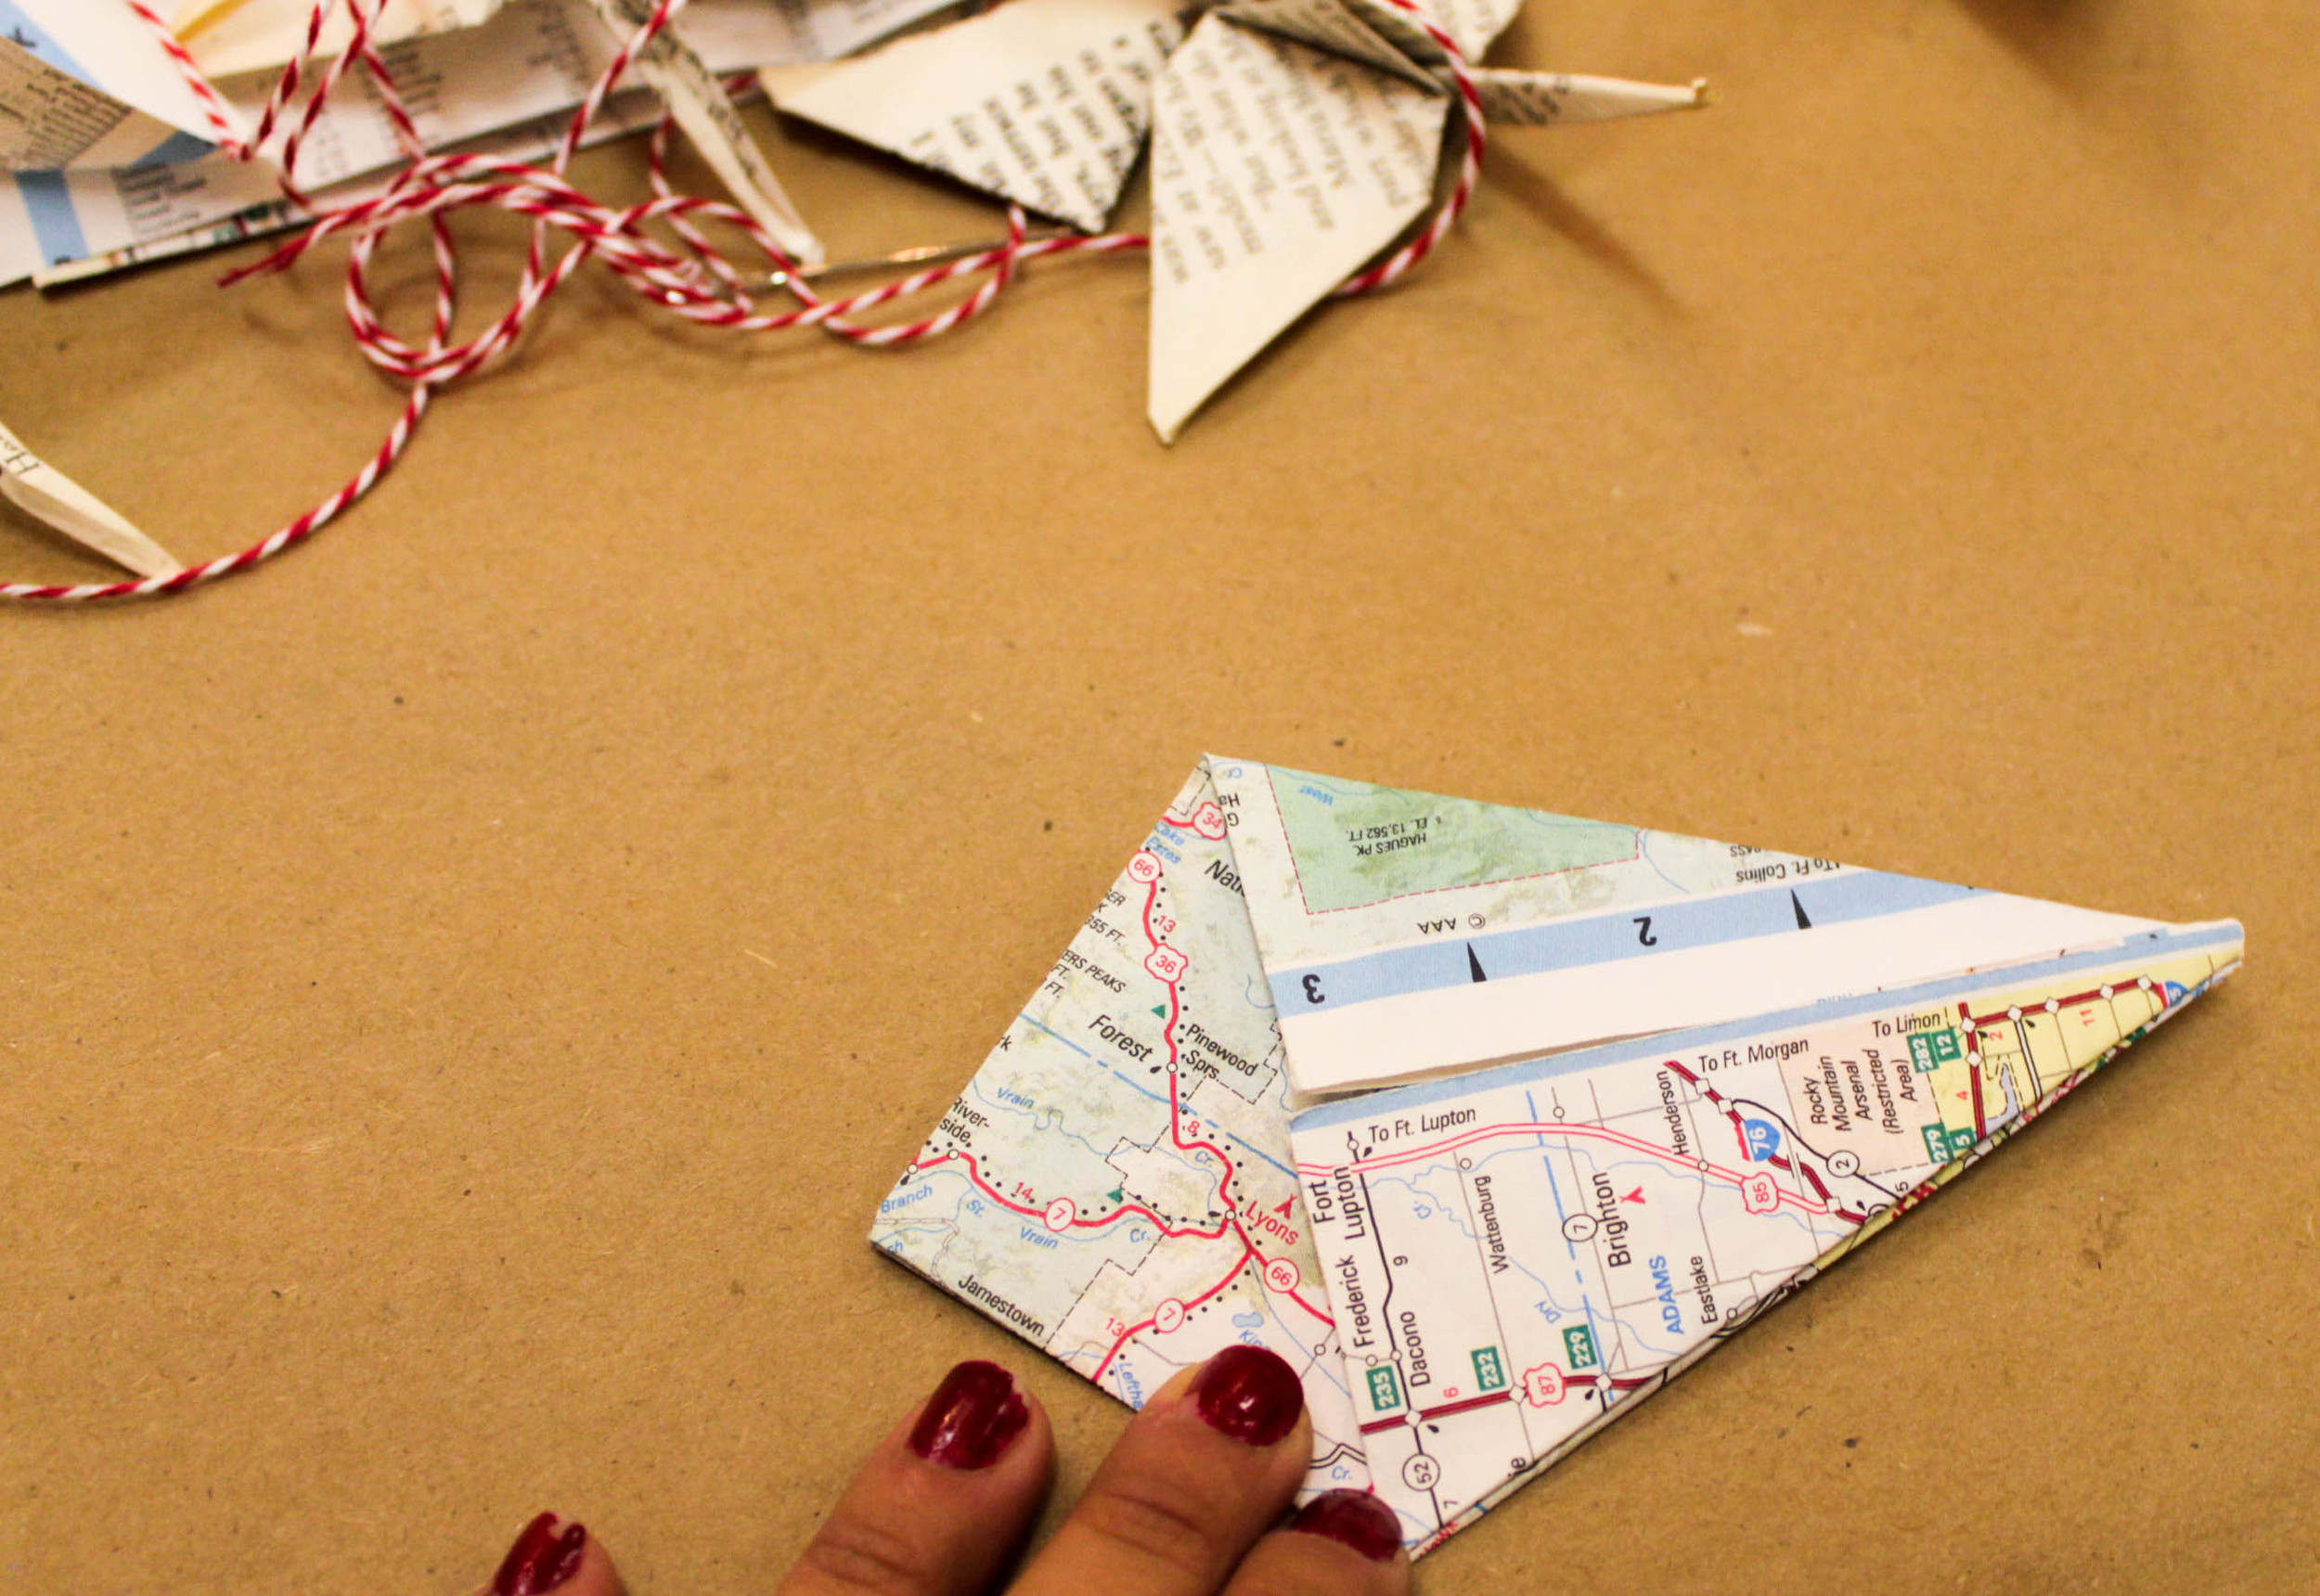 paper-cranes-etxe-11.jpg